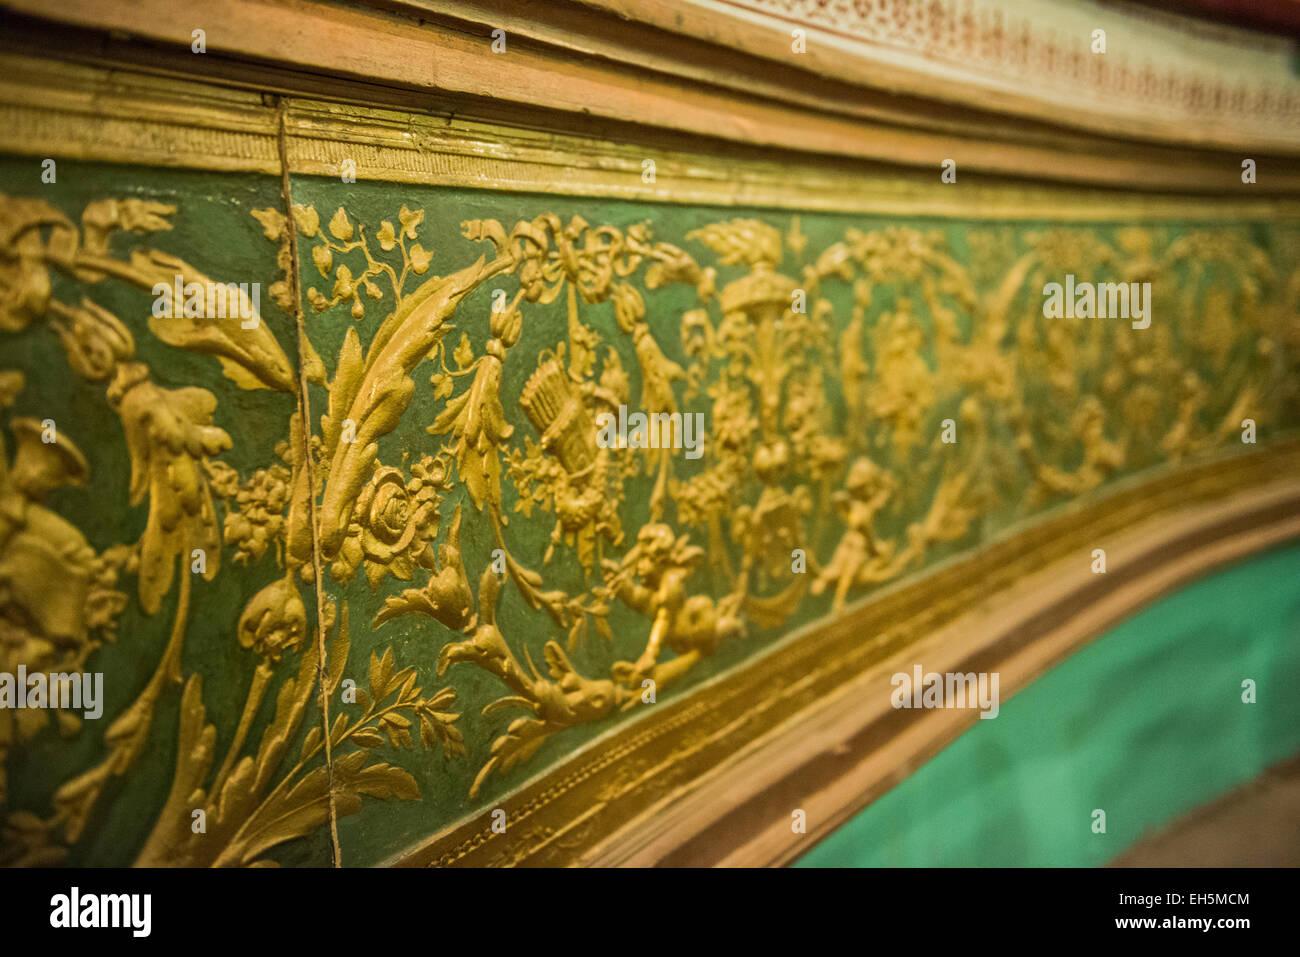 Geprägte Pappmaché innen viktorianische Gaiety Theatre in Shimla, Himachal Pradesh, Indien Stockbild